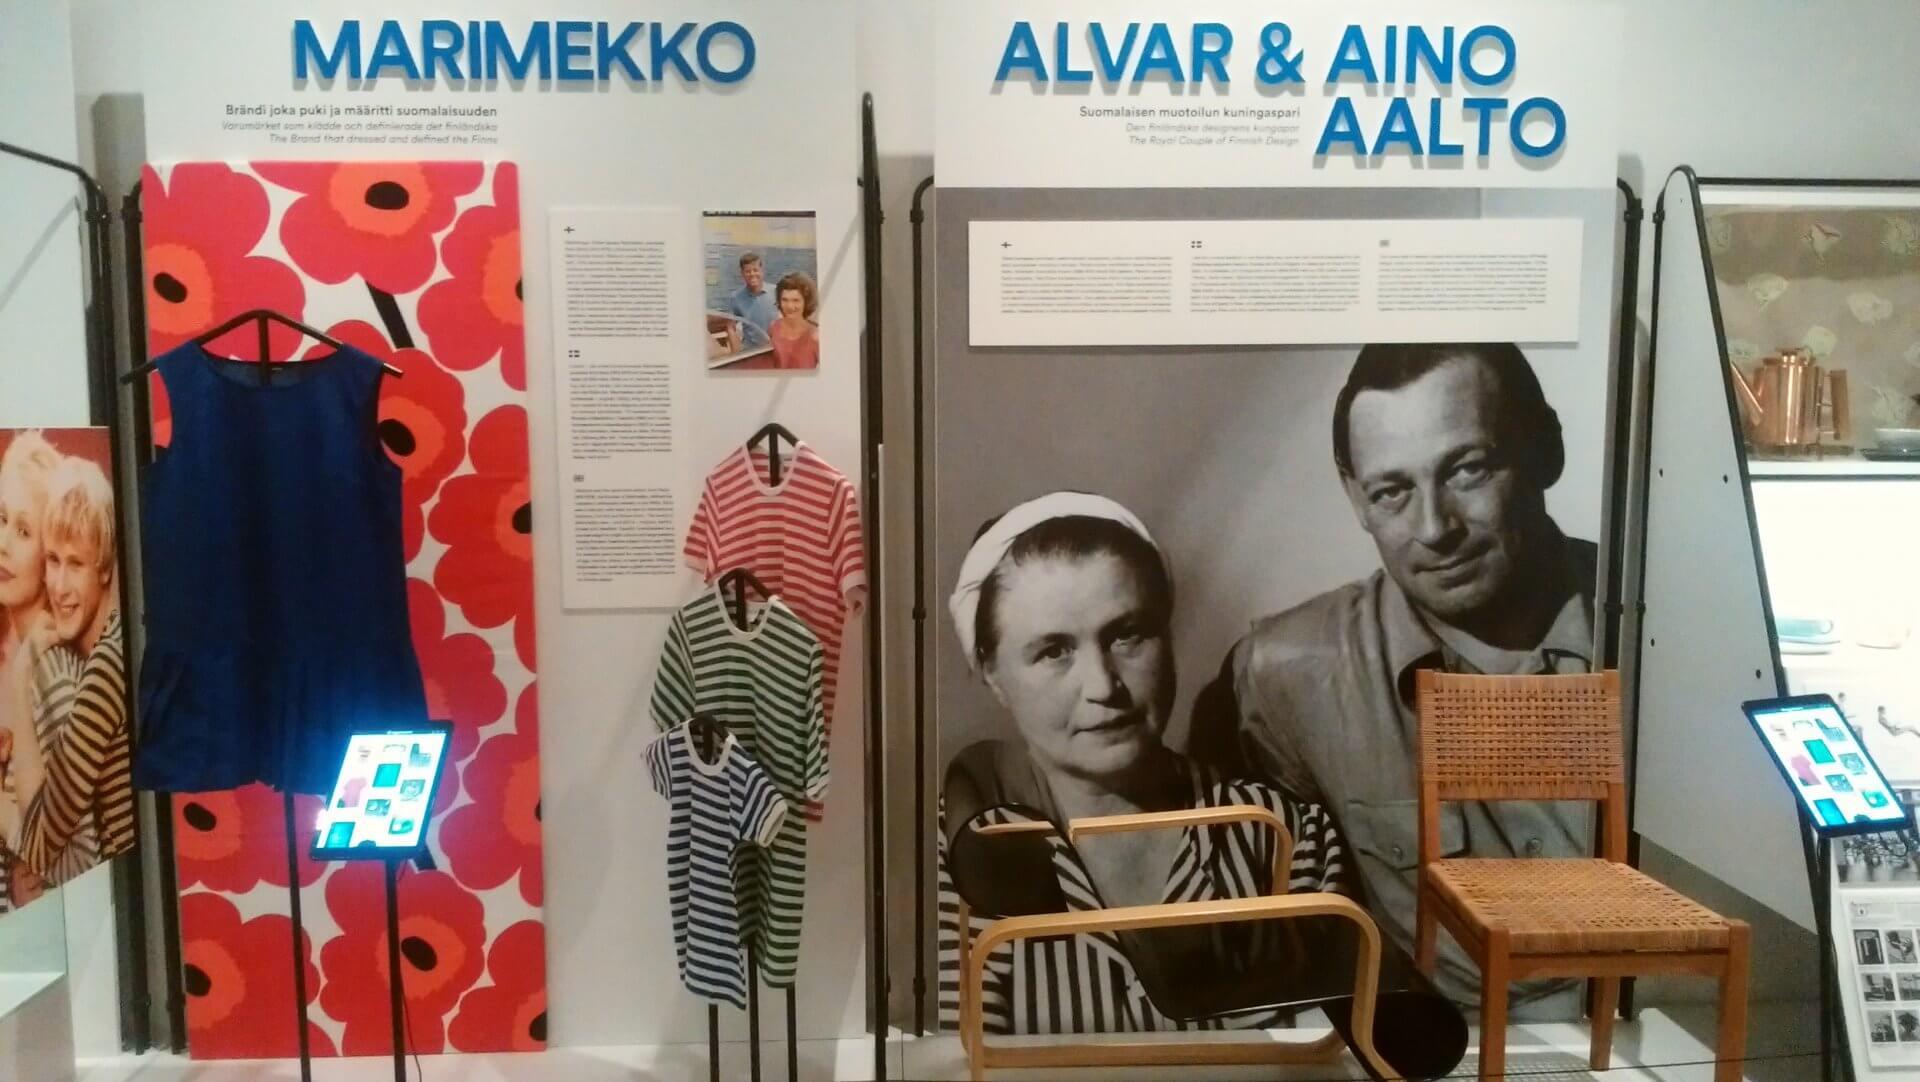 マリメッコとアアルト展示